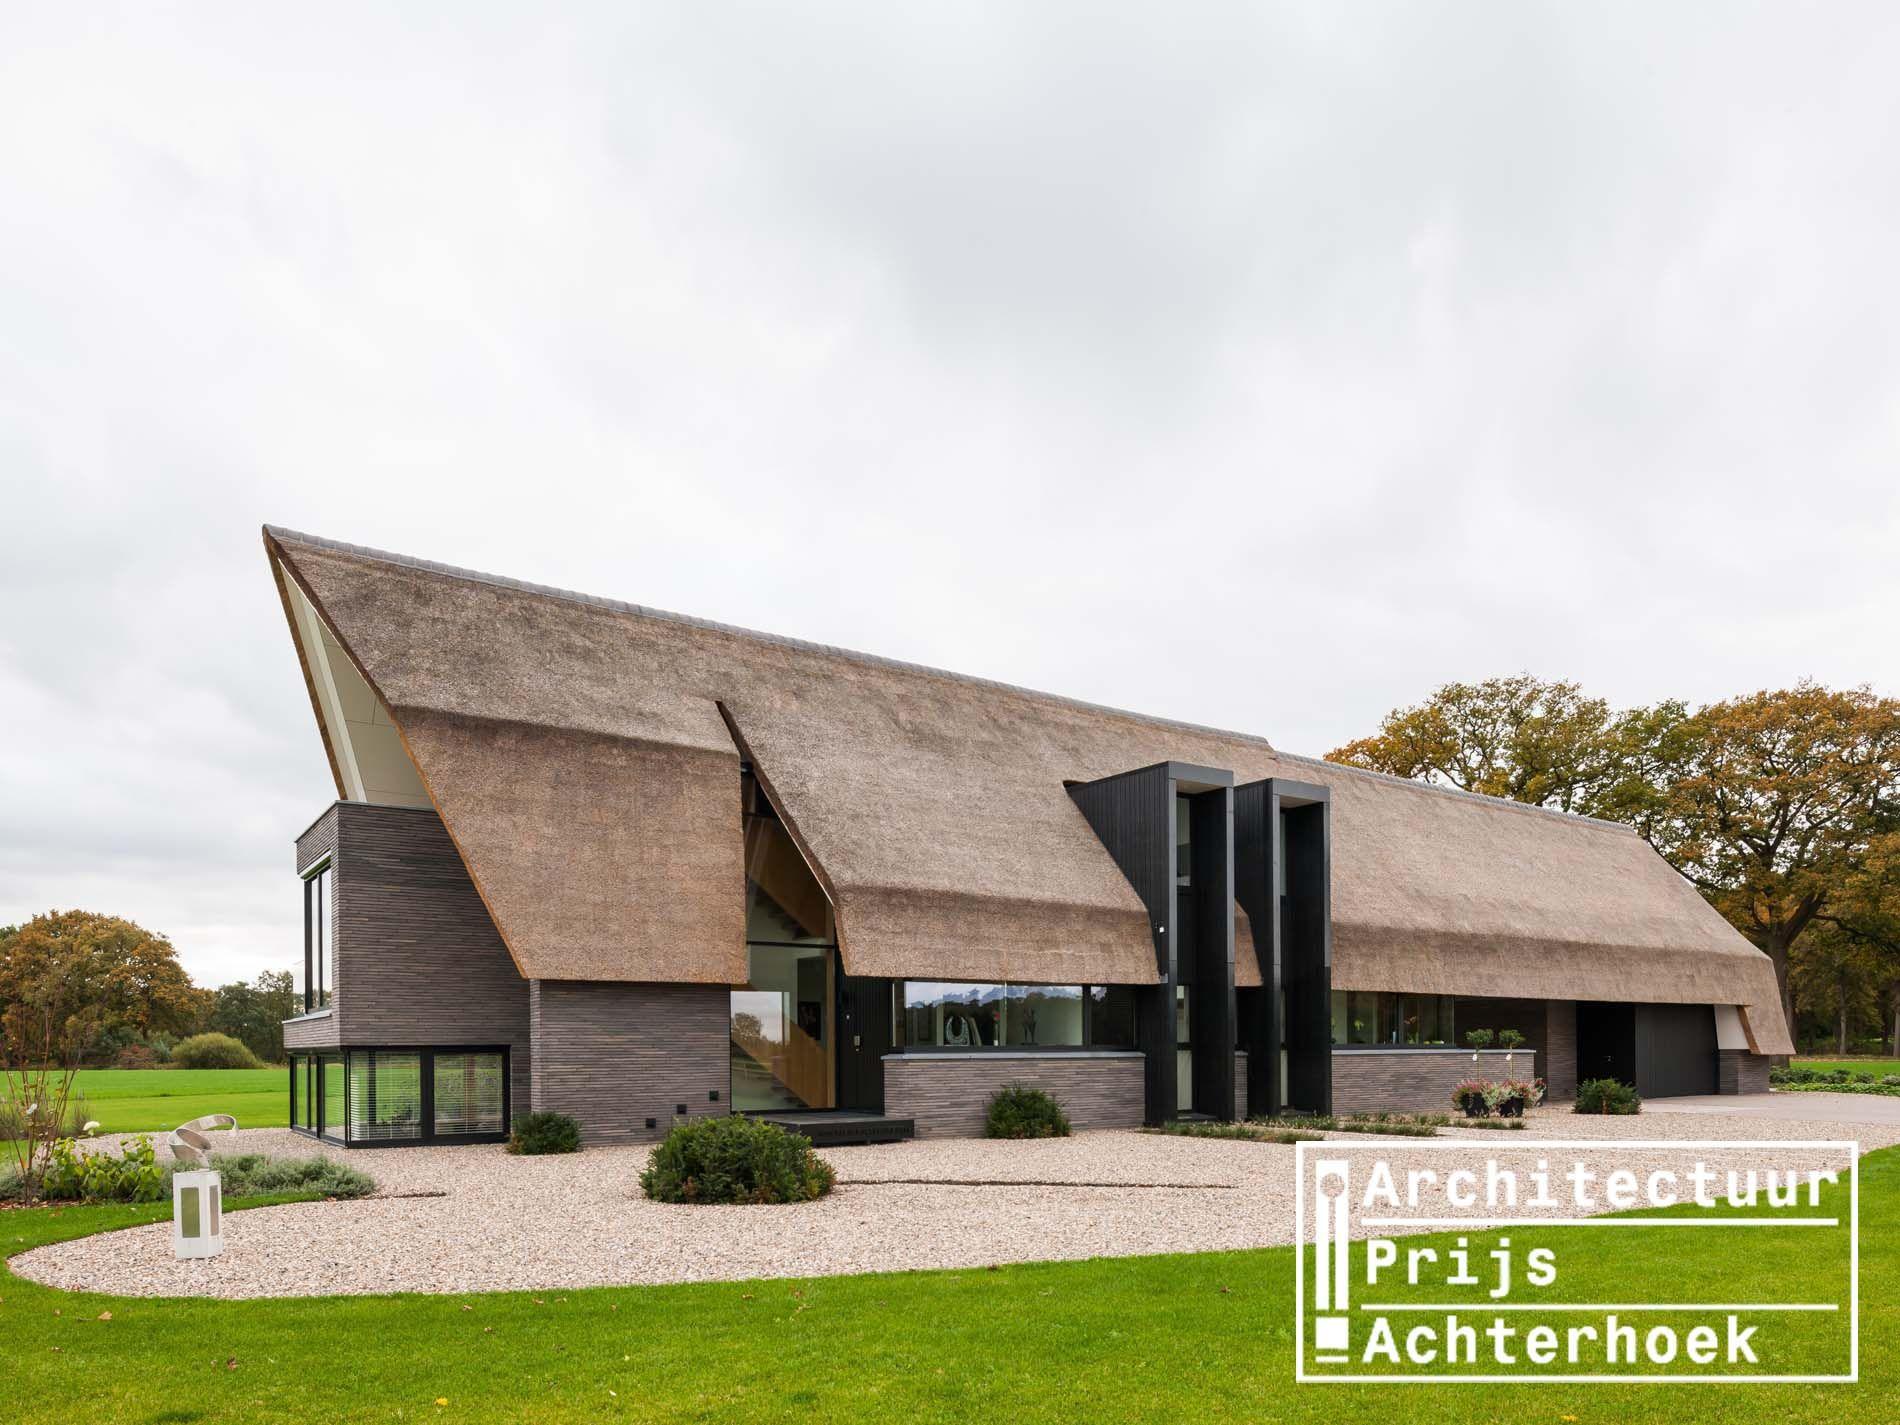 Maas architecten winnaar architectuur prijs achterhoek for Hedendaagse architecten